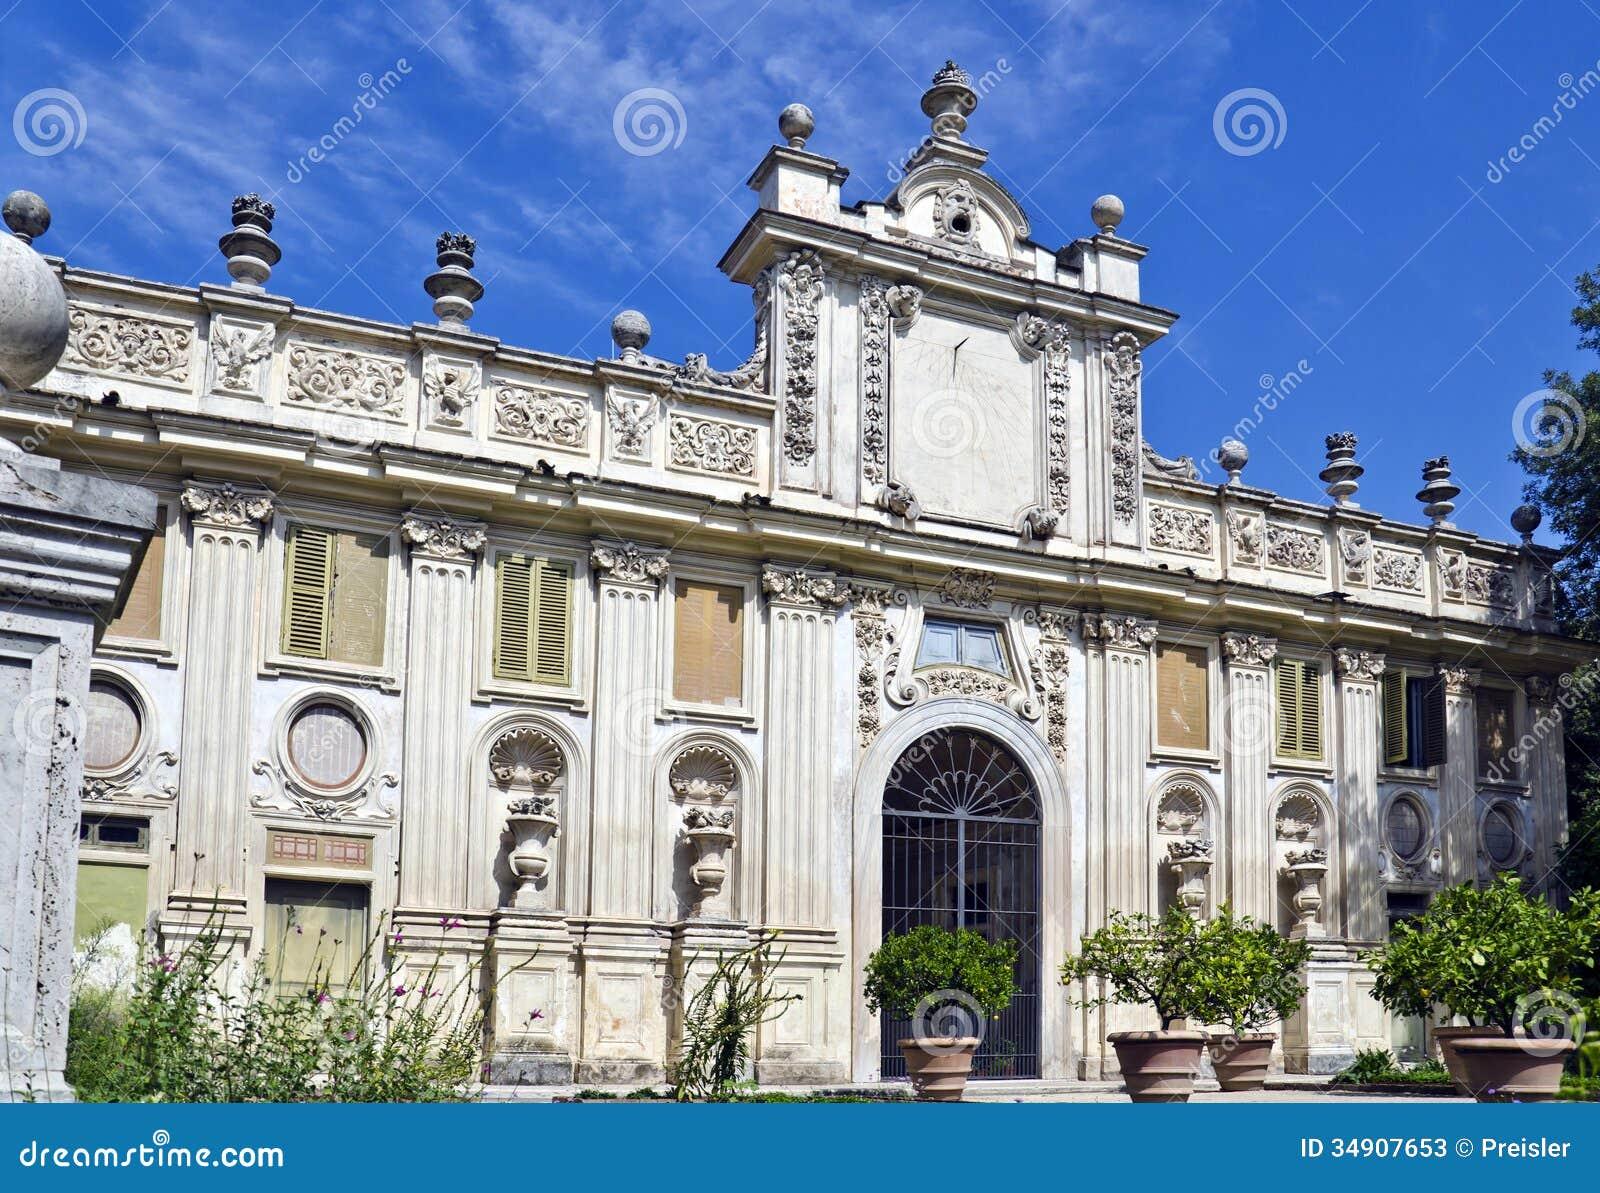 Villa Borghese Stock Photos Image 34907653